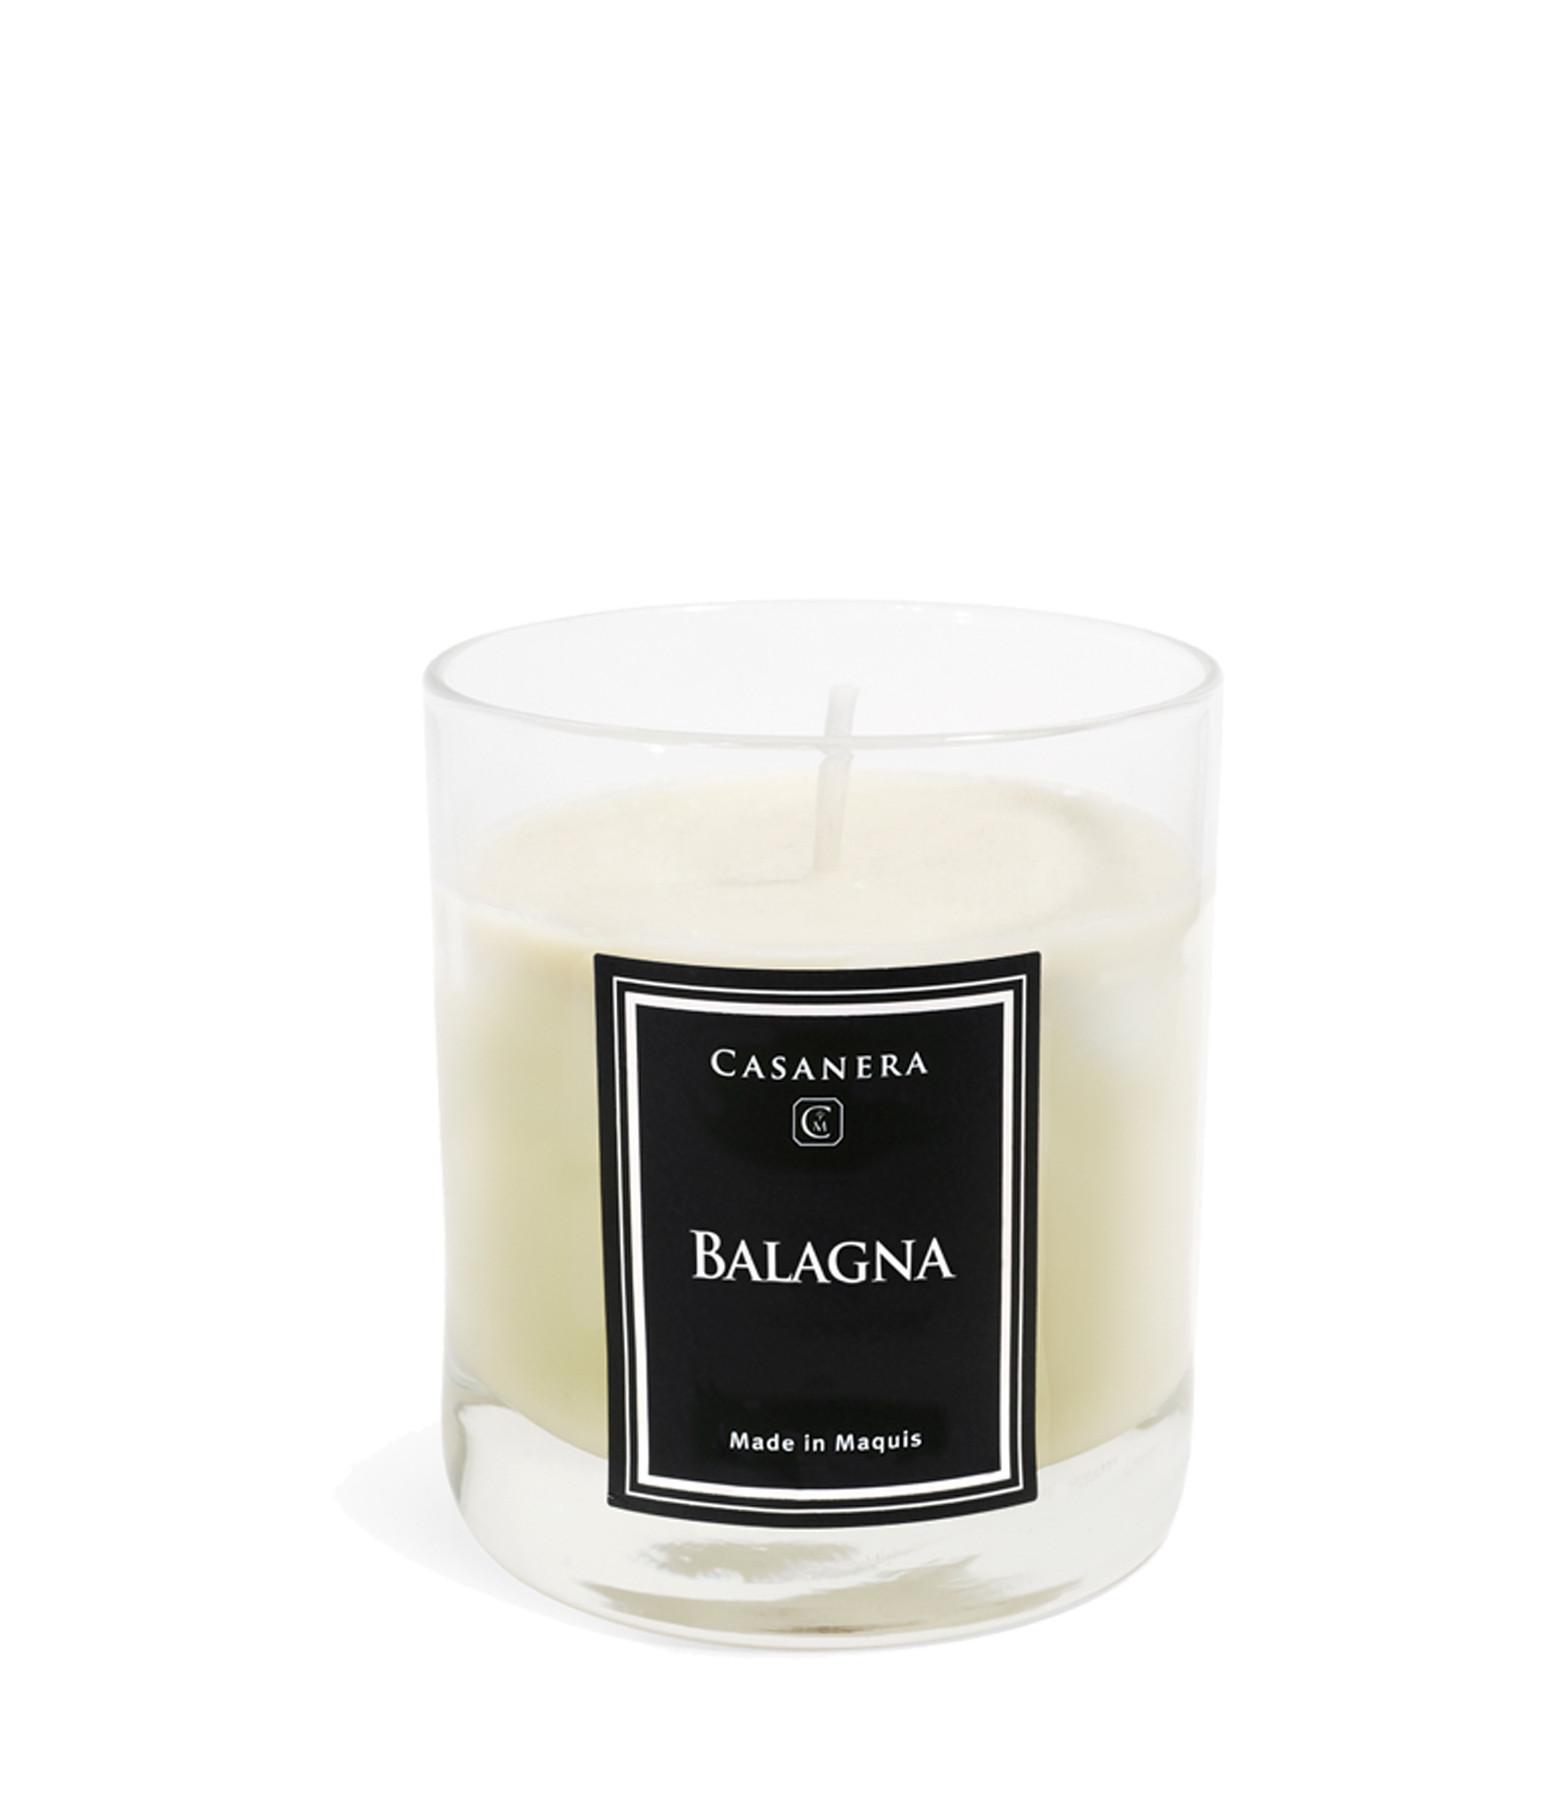 CASANERA - Bougie Balagna 250g